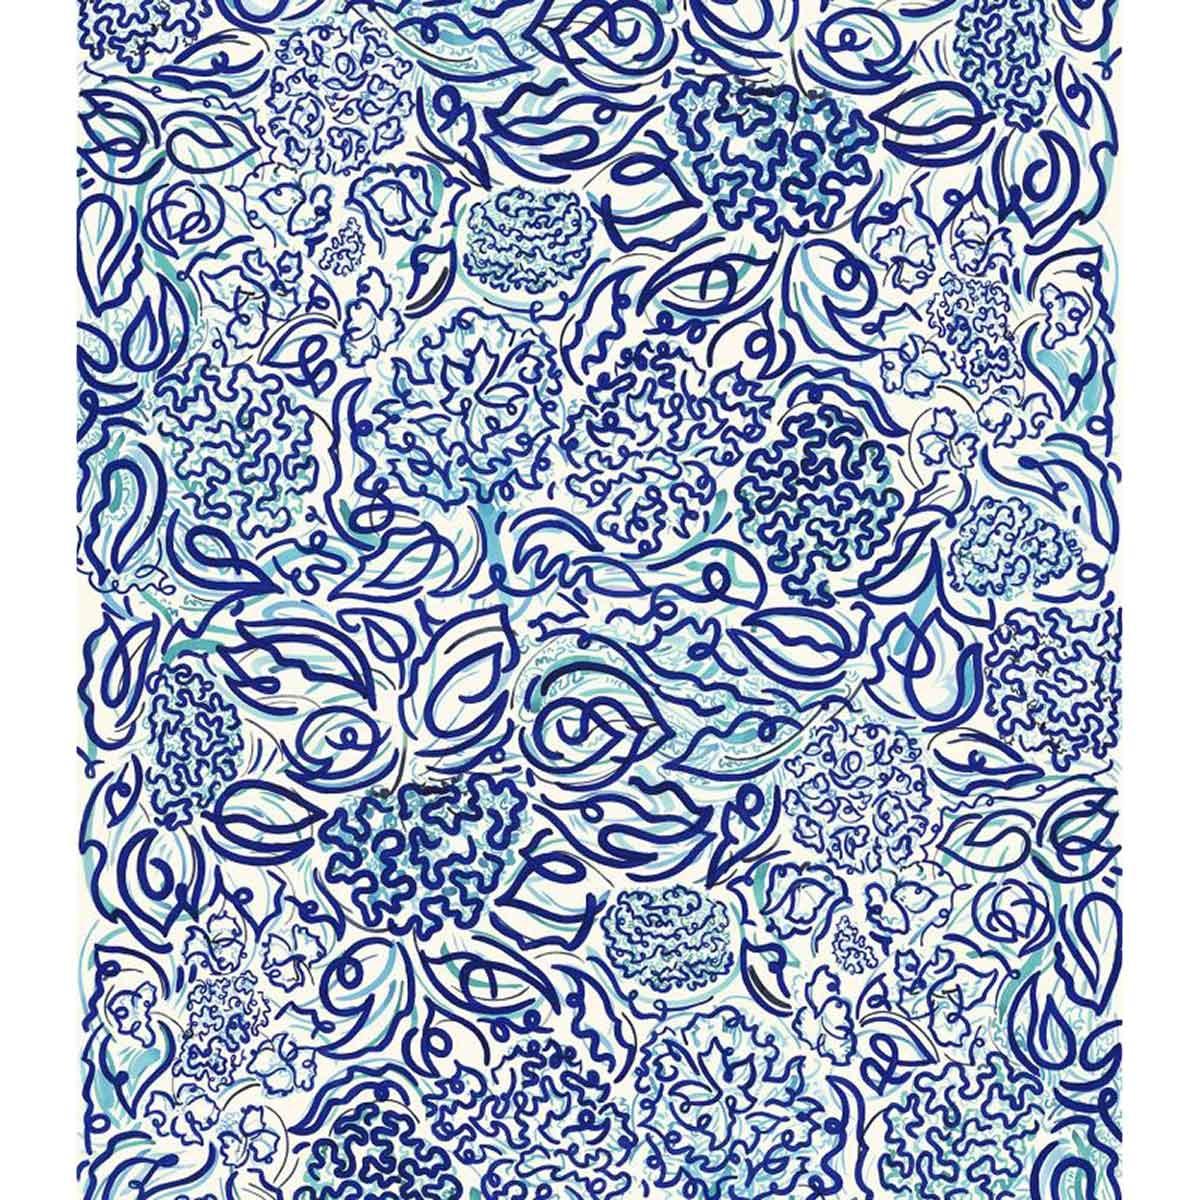 Tissu imprimé calligraphie moderne